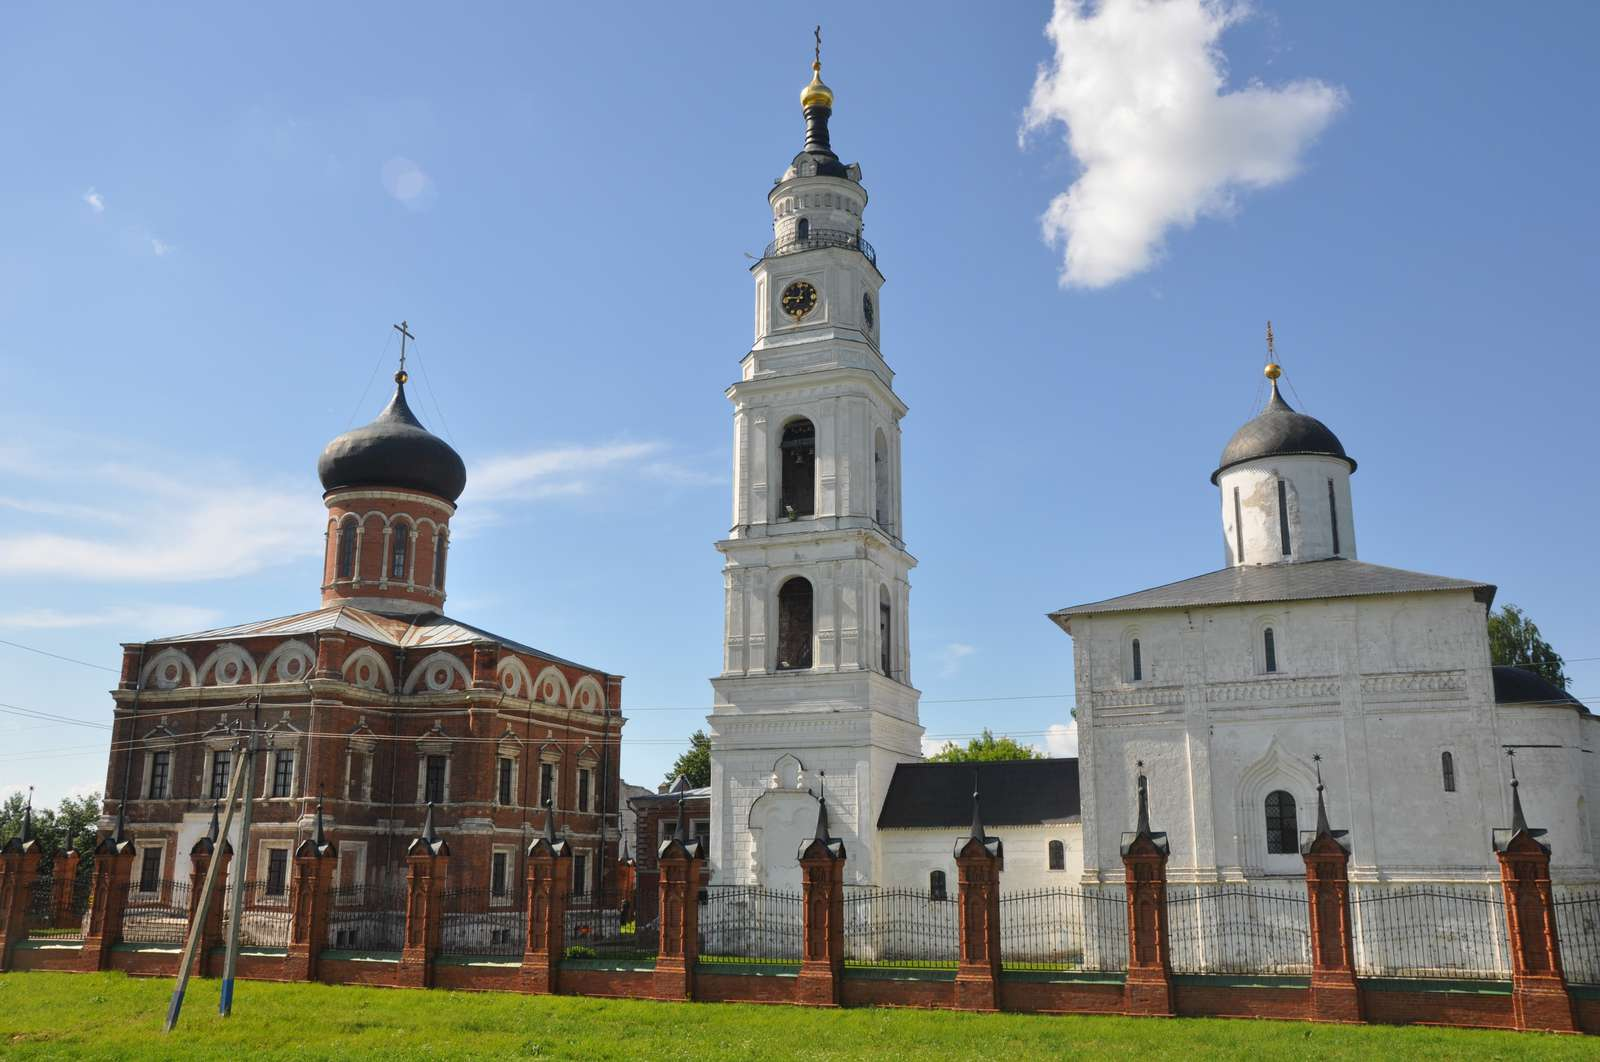 Пять самых популярных у туристов крепостей назвали в Подмосковье | Изображение 5